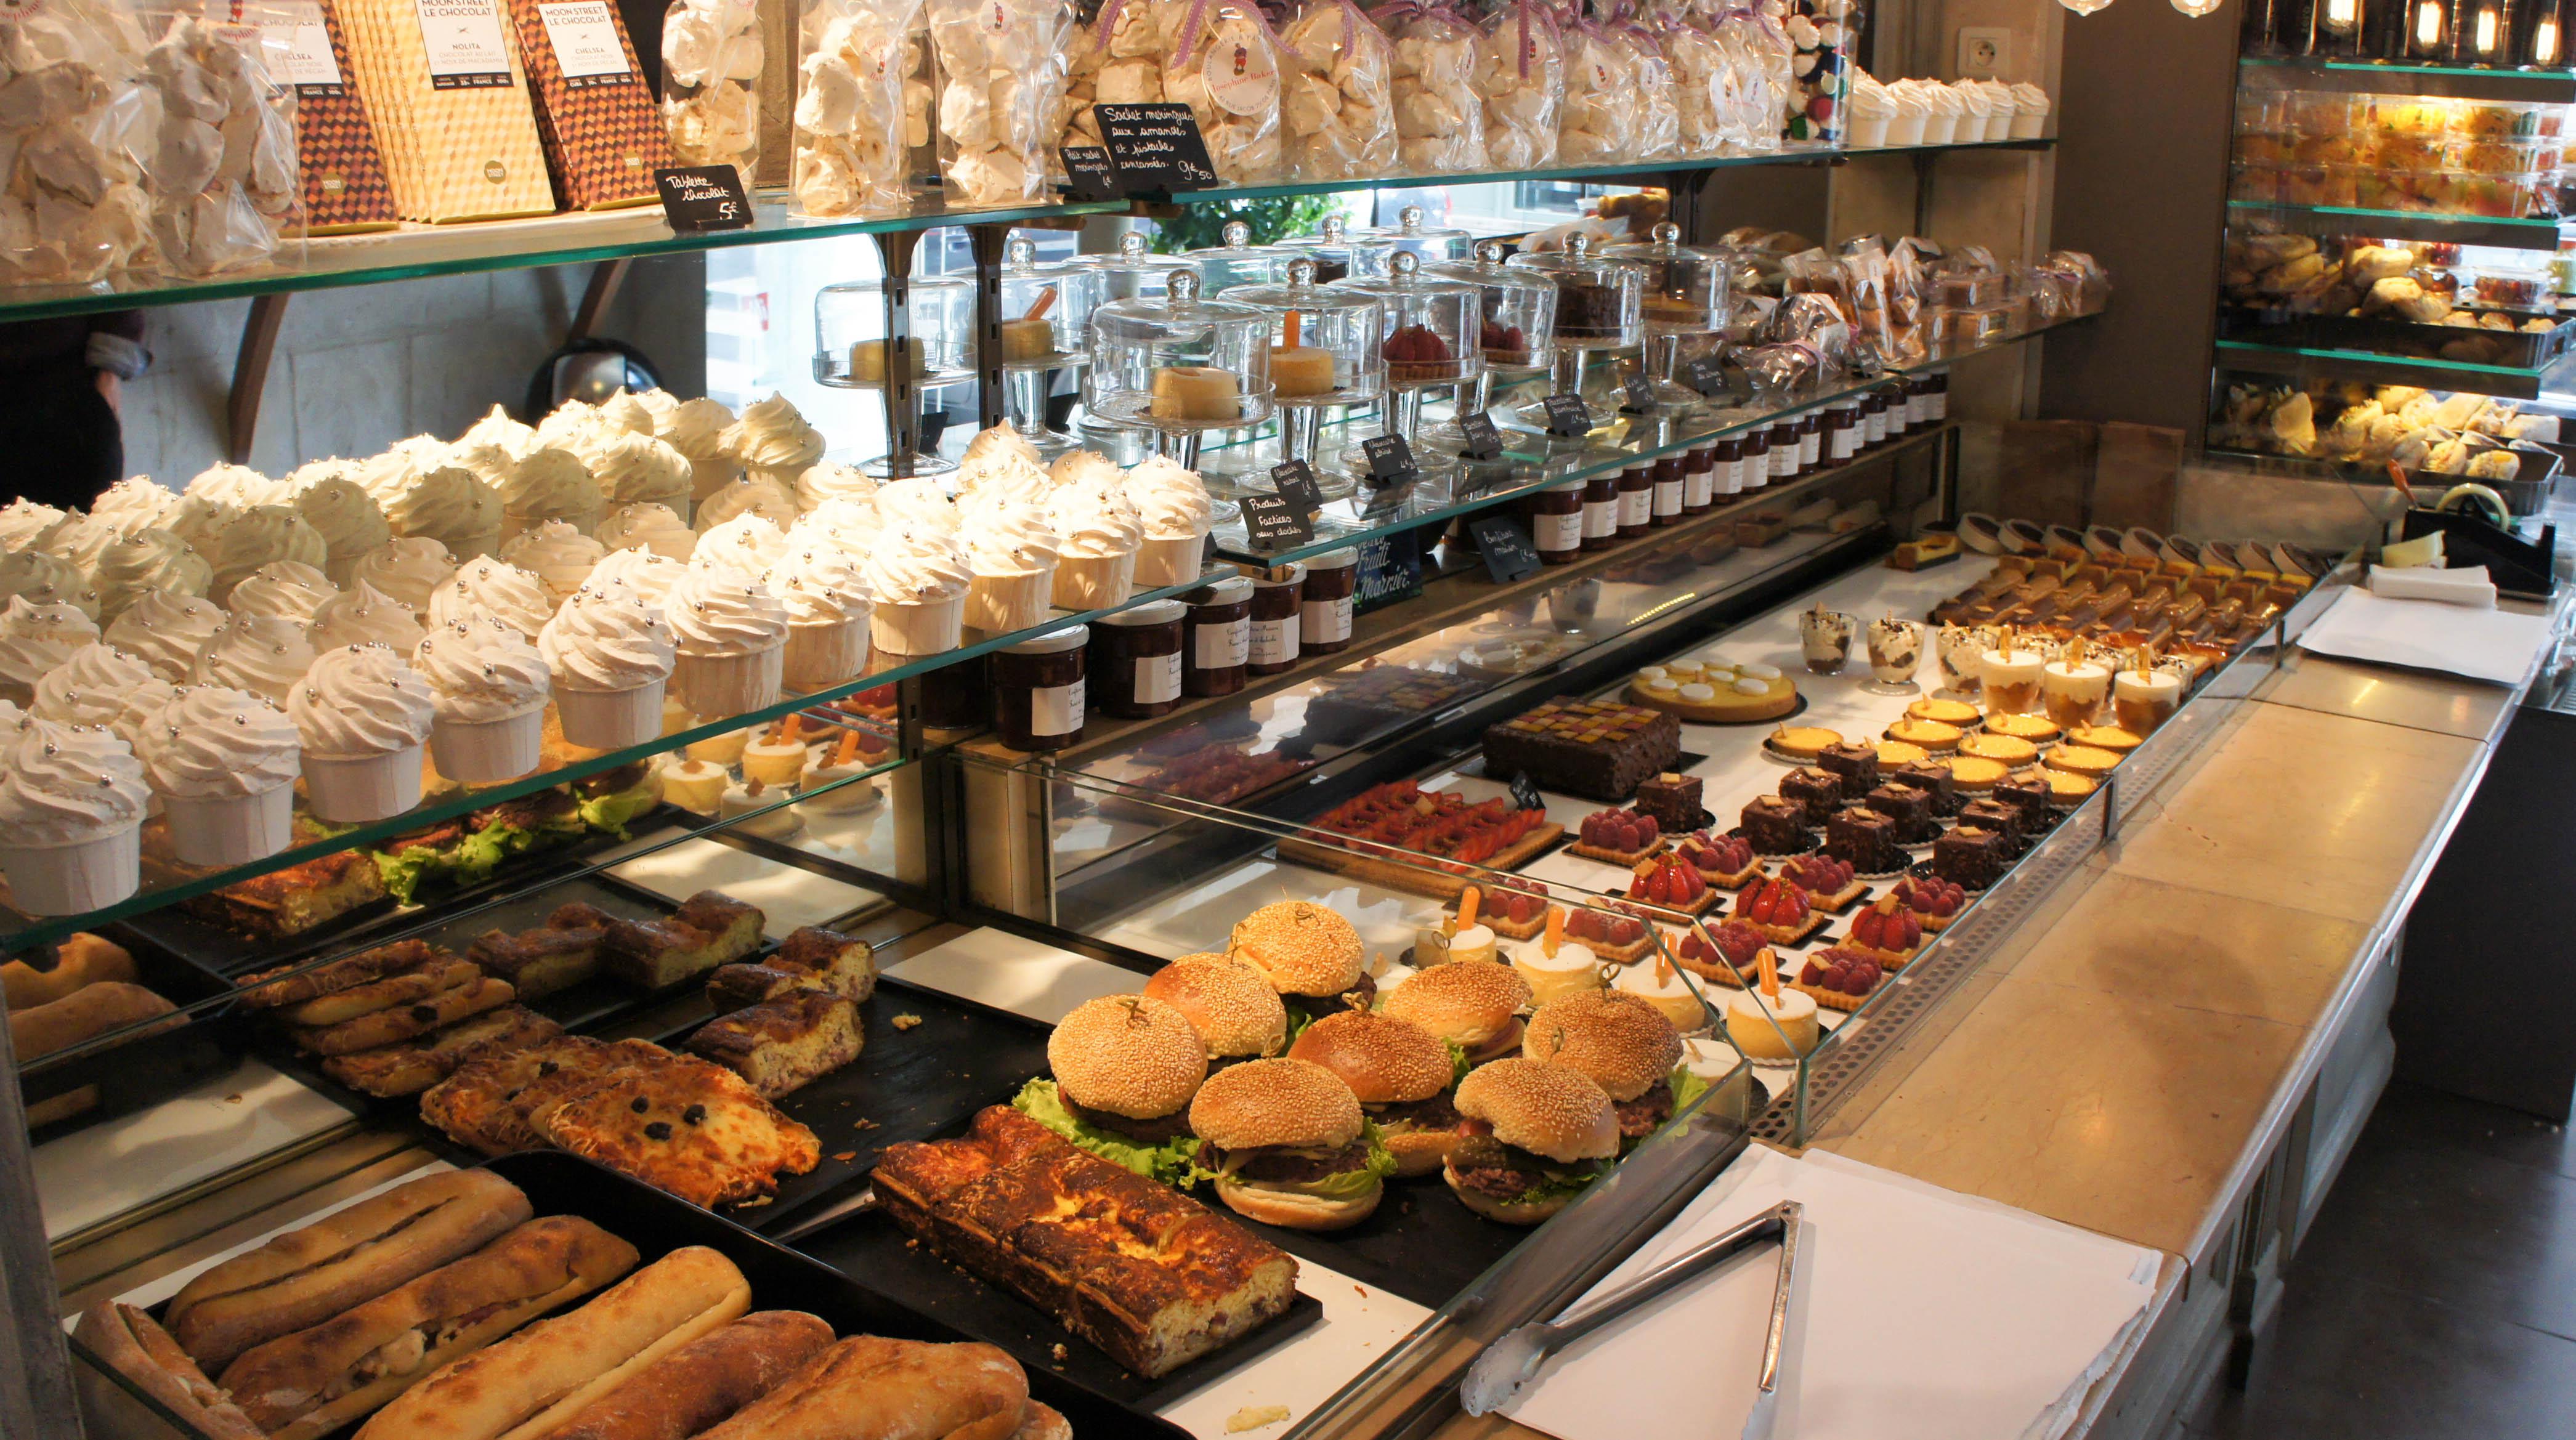 P tisseries en cas jos phine bakery paris 6 painrisien - Idee deco boulangerie ...